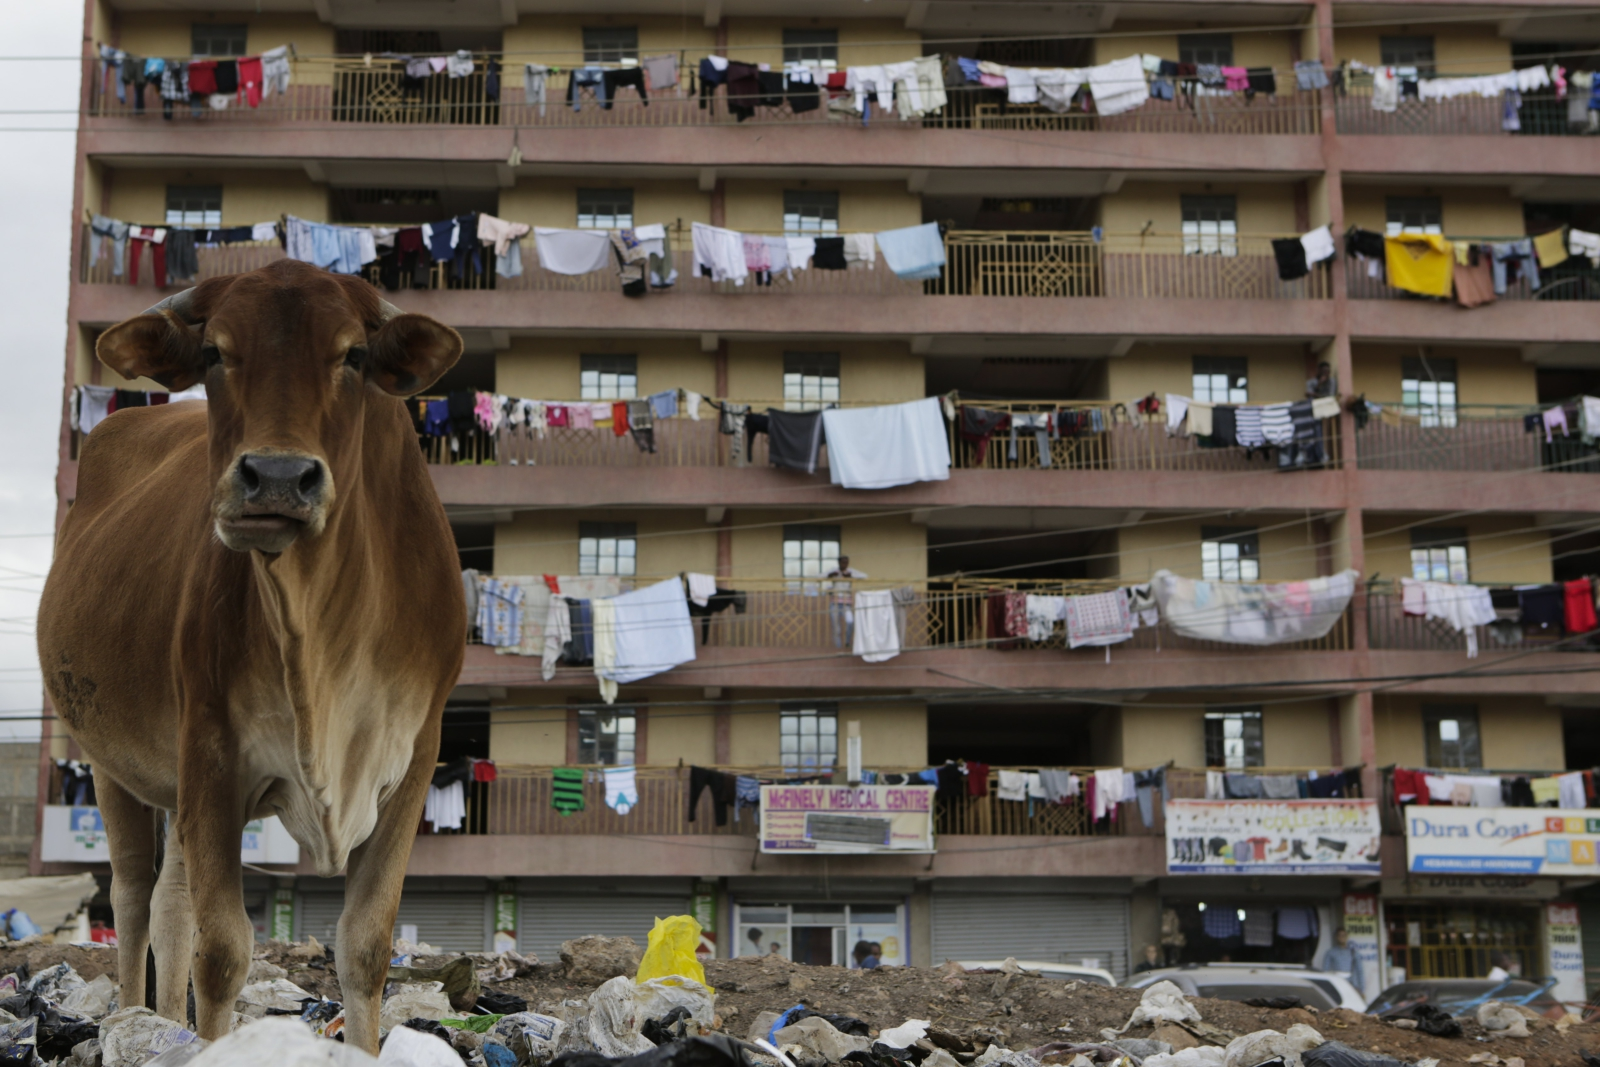 Krowa grzebie w śmieciach w poszukiwaniu jedzenia, Nairobi, Kenia.